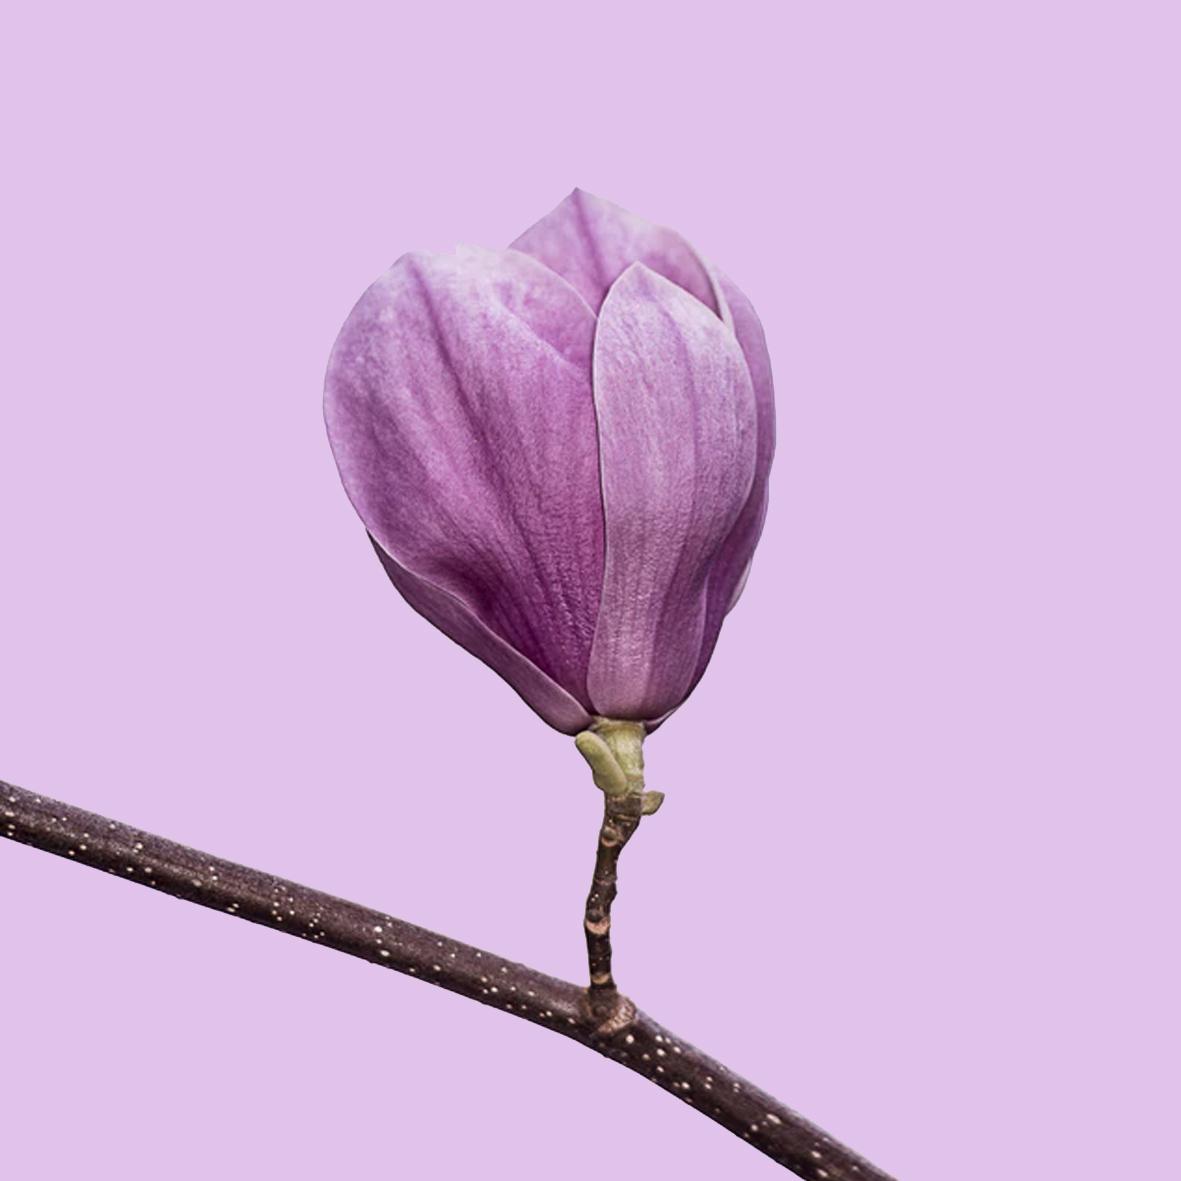 Magnolia - Heart note